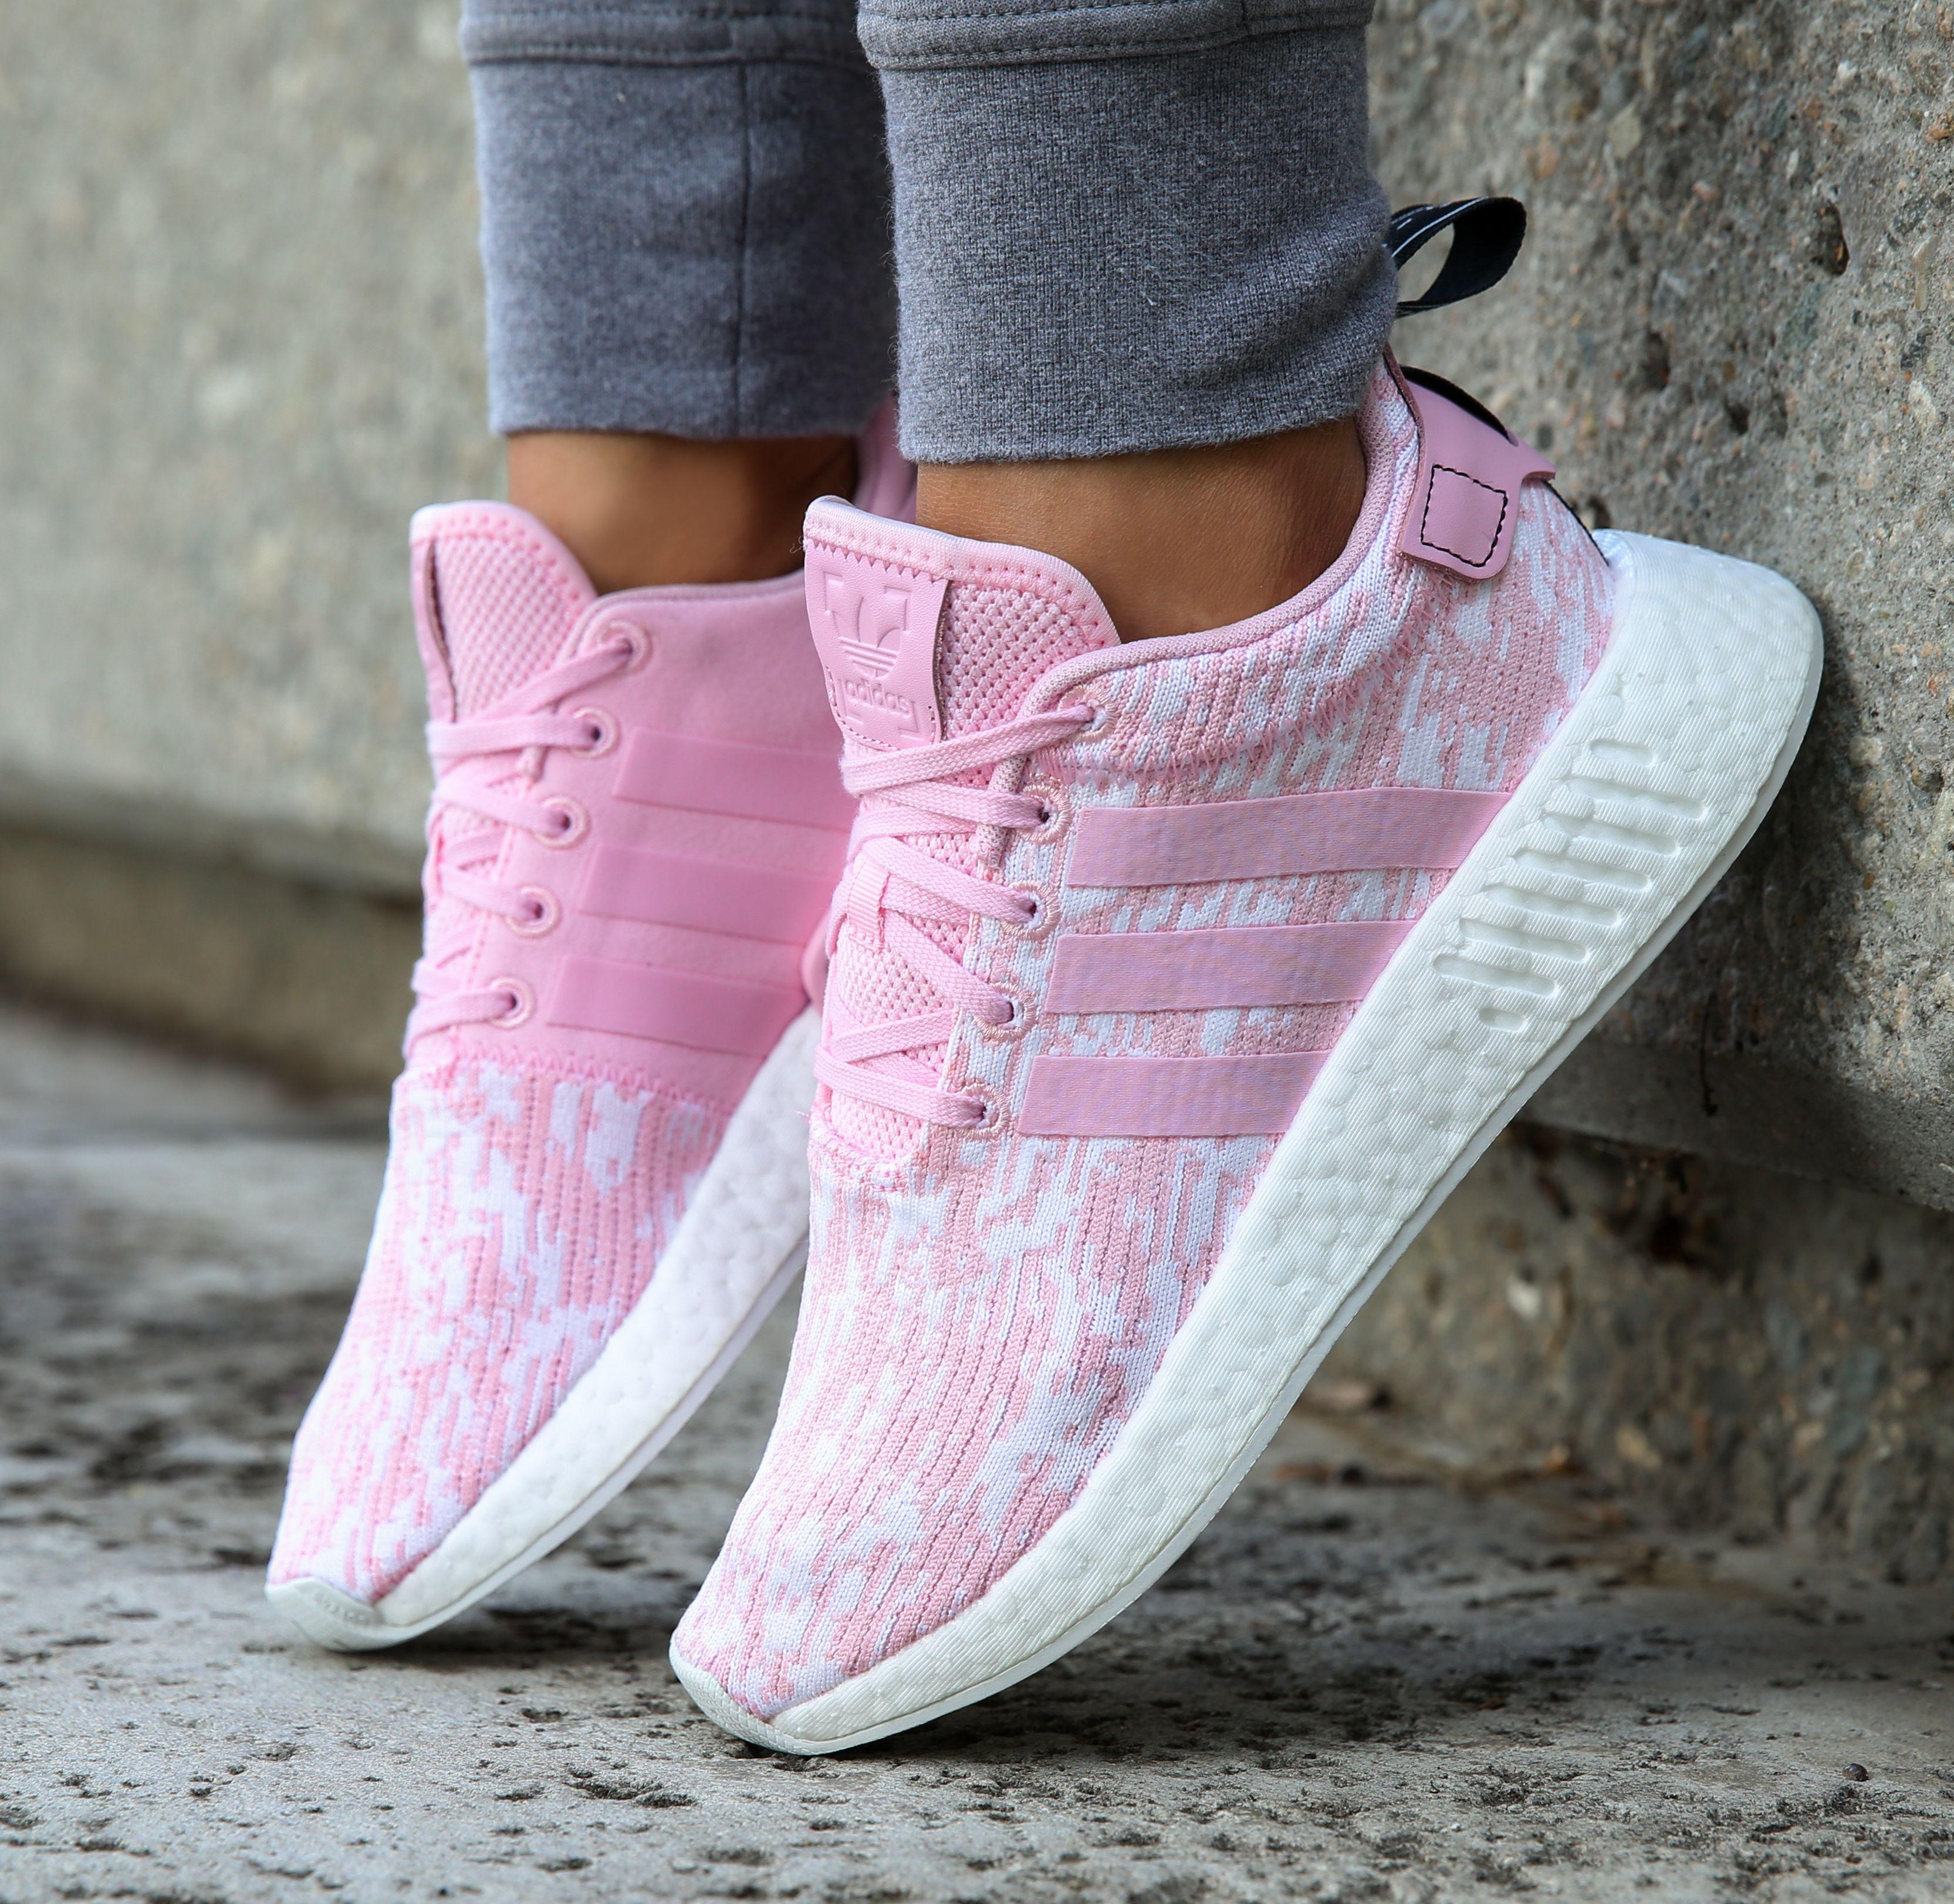 adidas nmd r2 mujer rosa